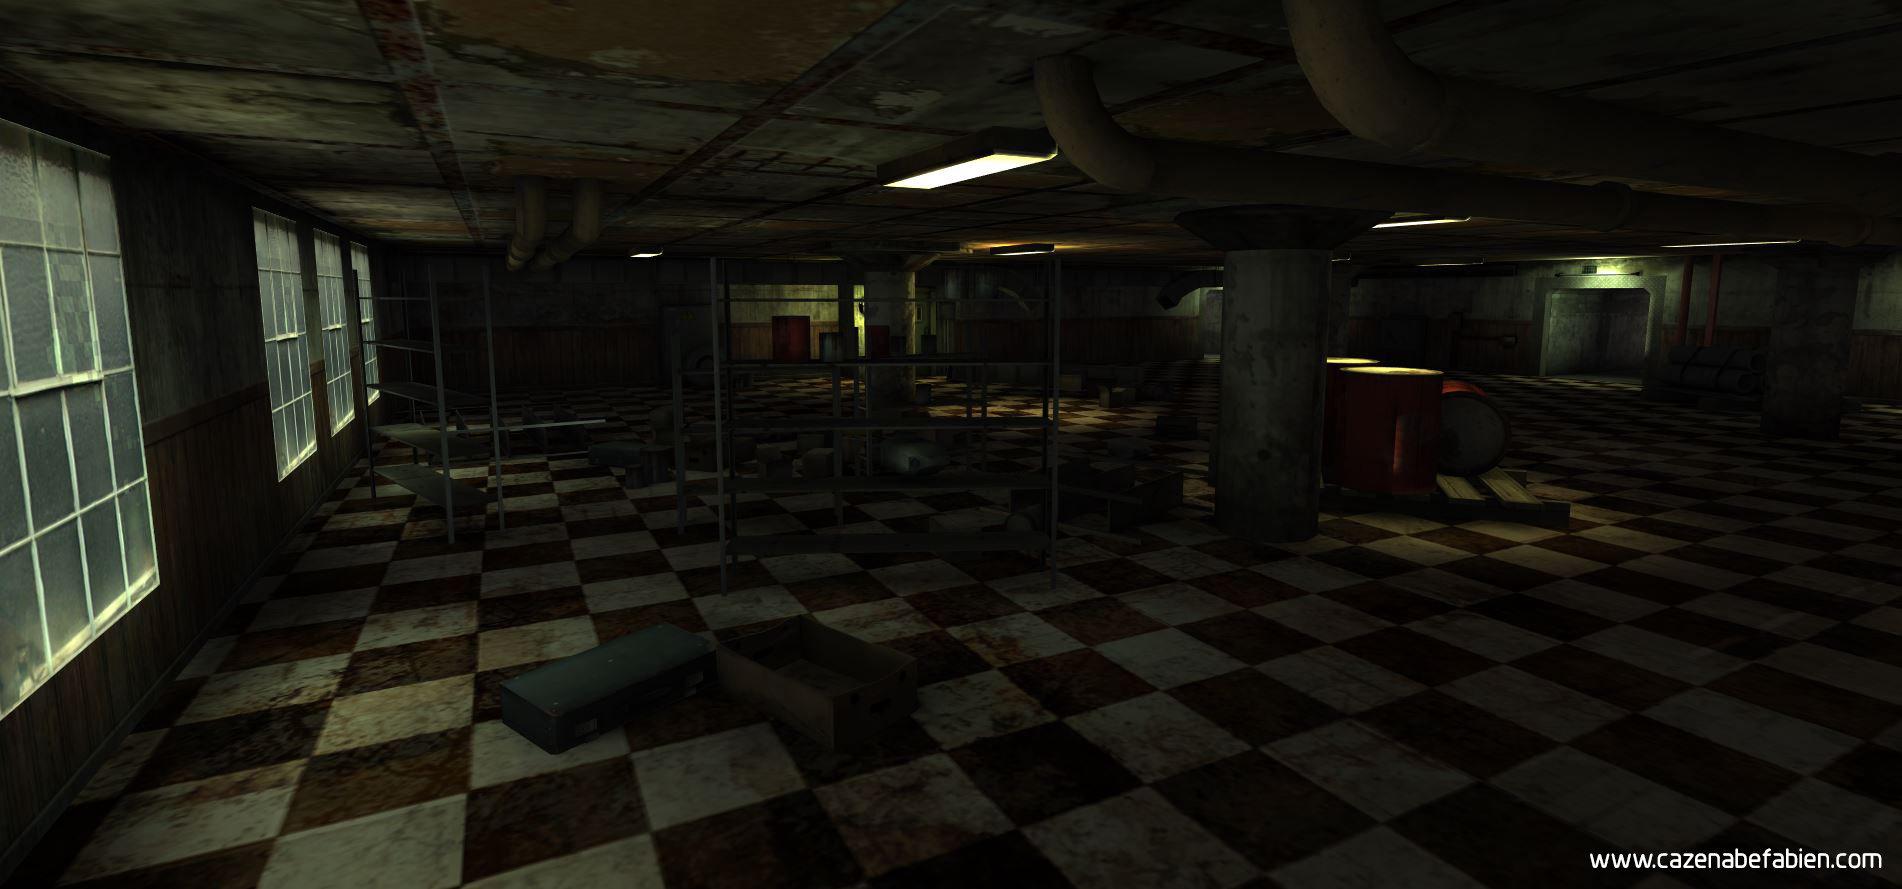 Fabien cazenabe warehouse 14